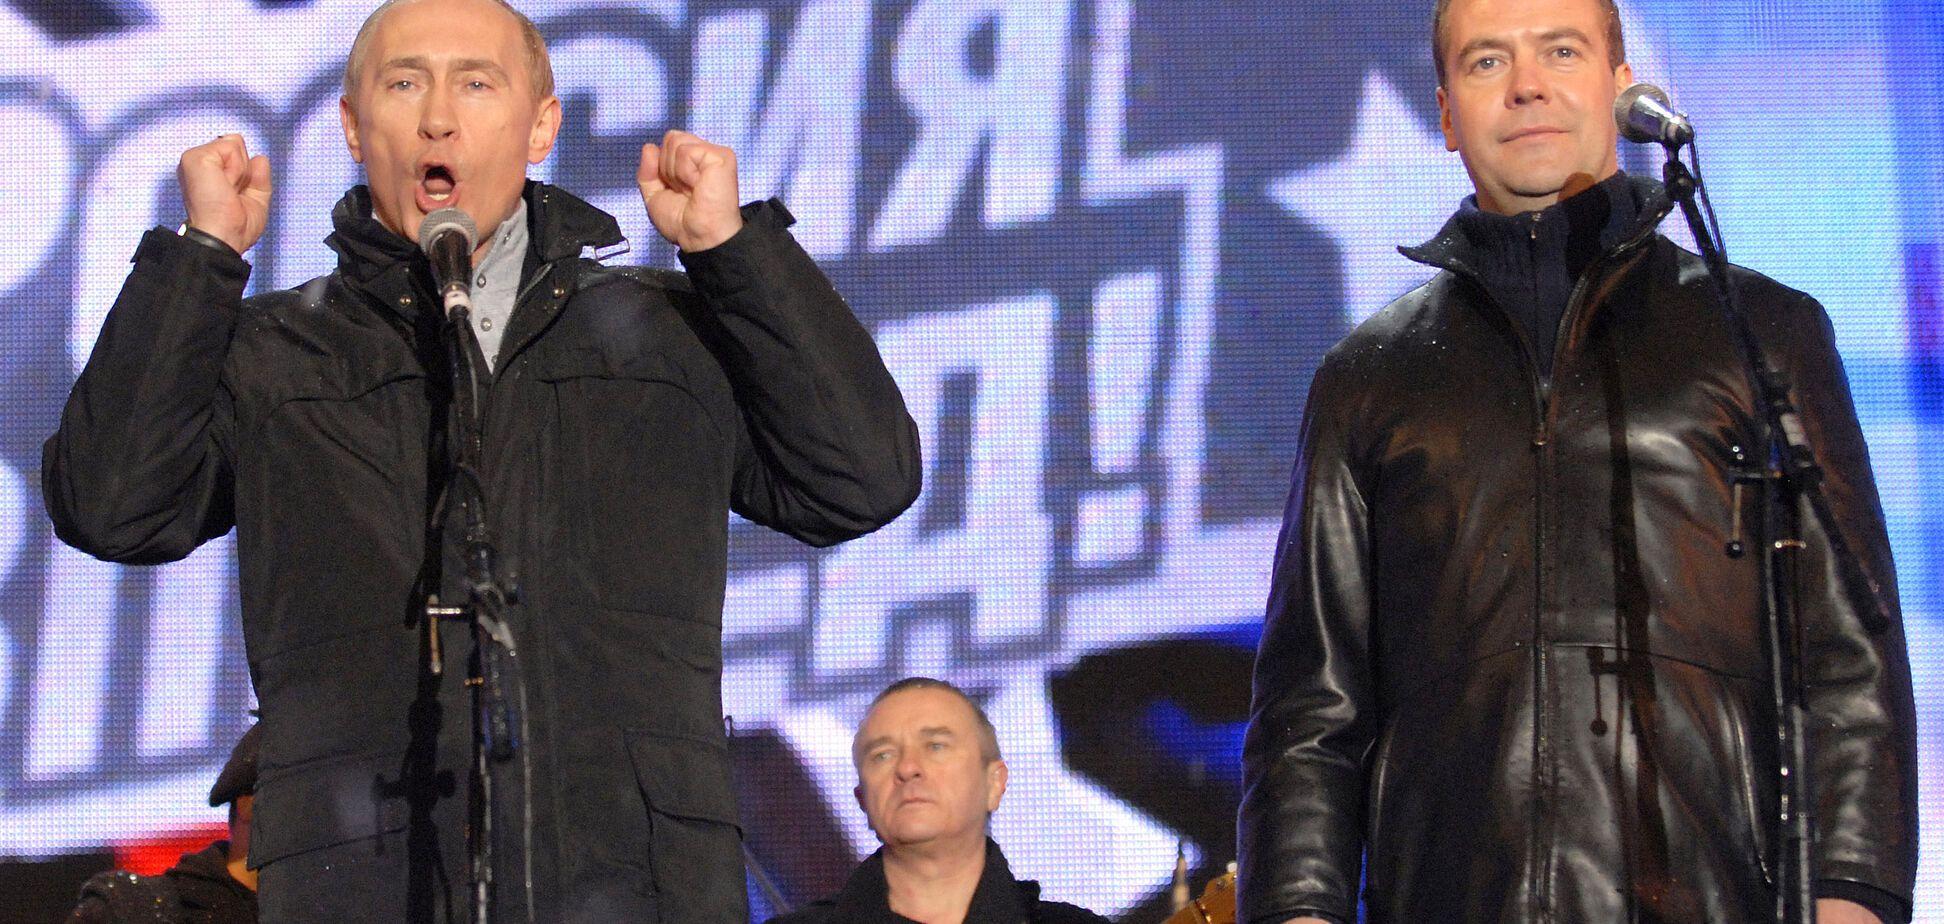 'Отвратительные рожи': в сети высмеяли крымский портрет Путина и Медведева